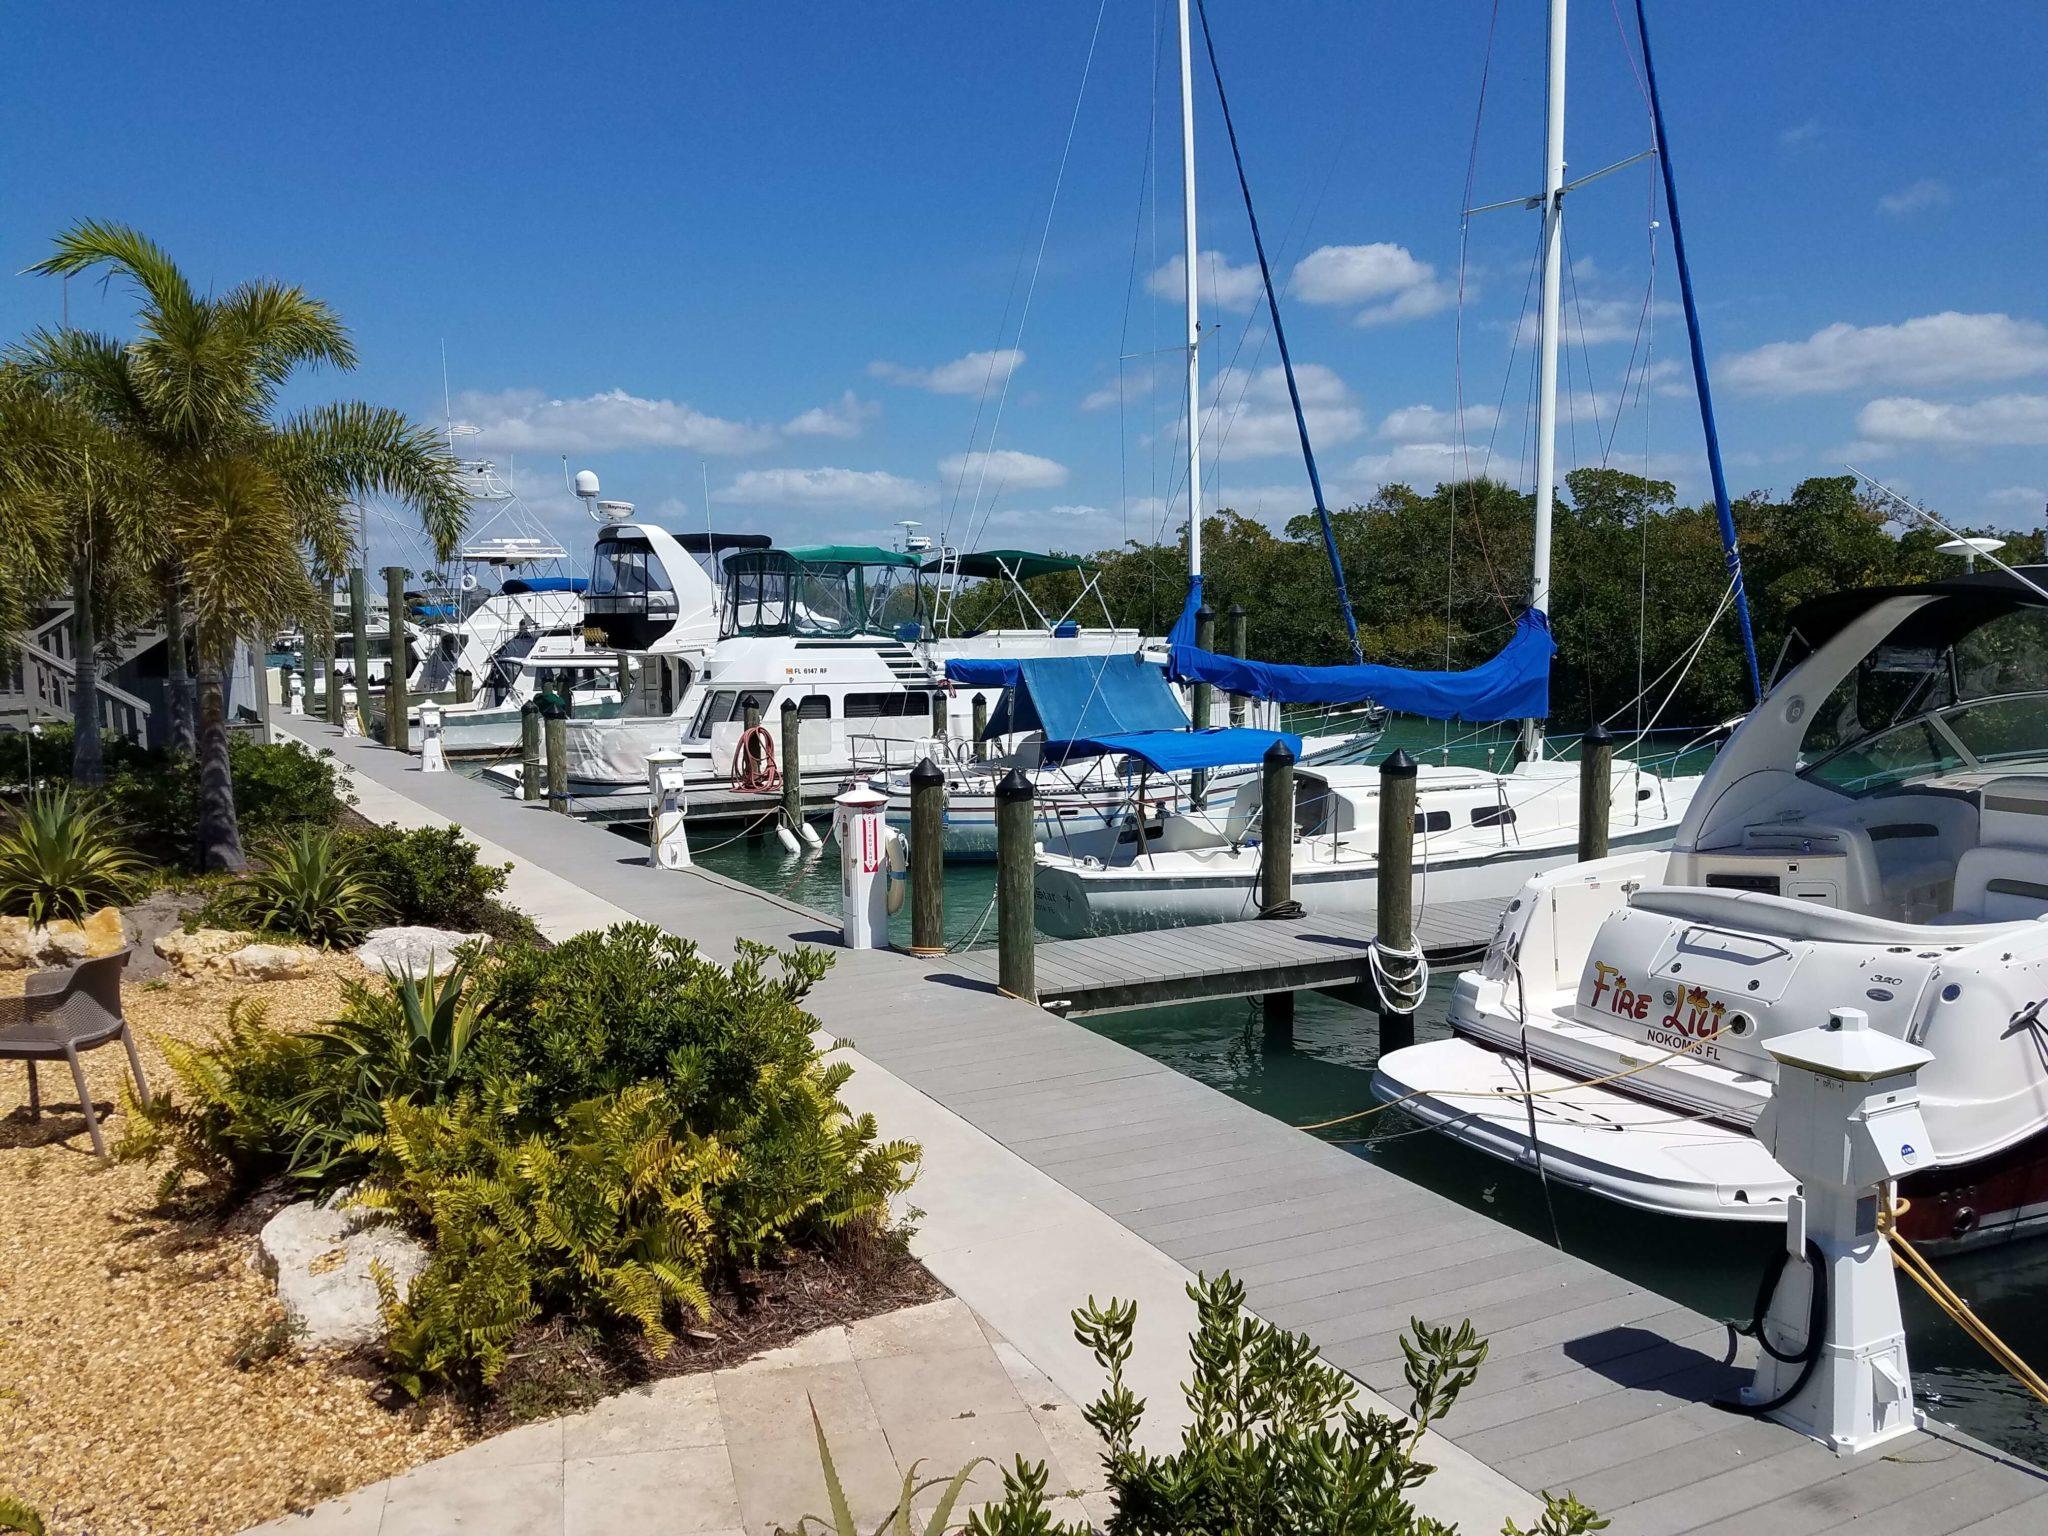 casey key marina rentals escape hotel